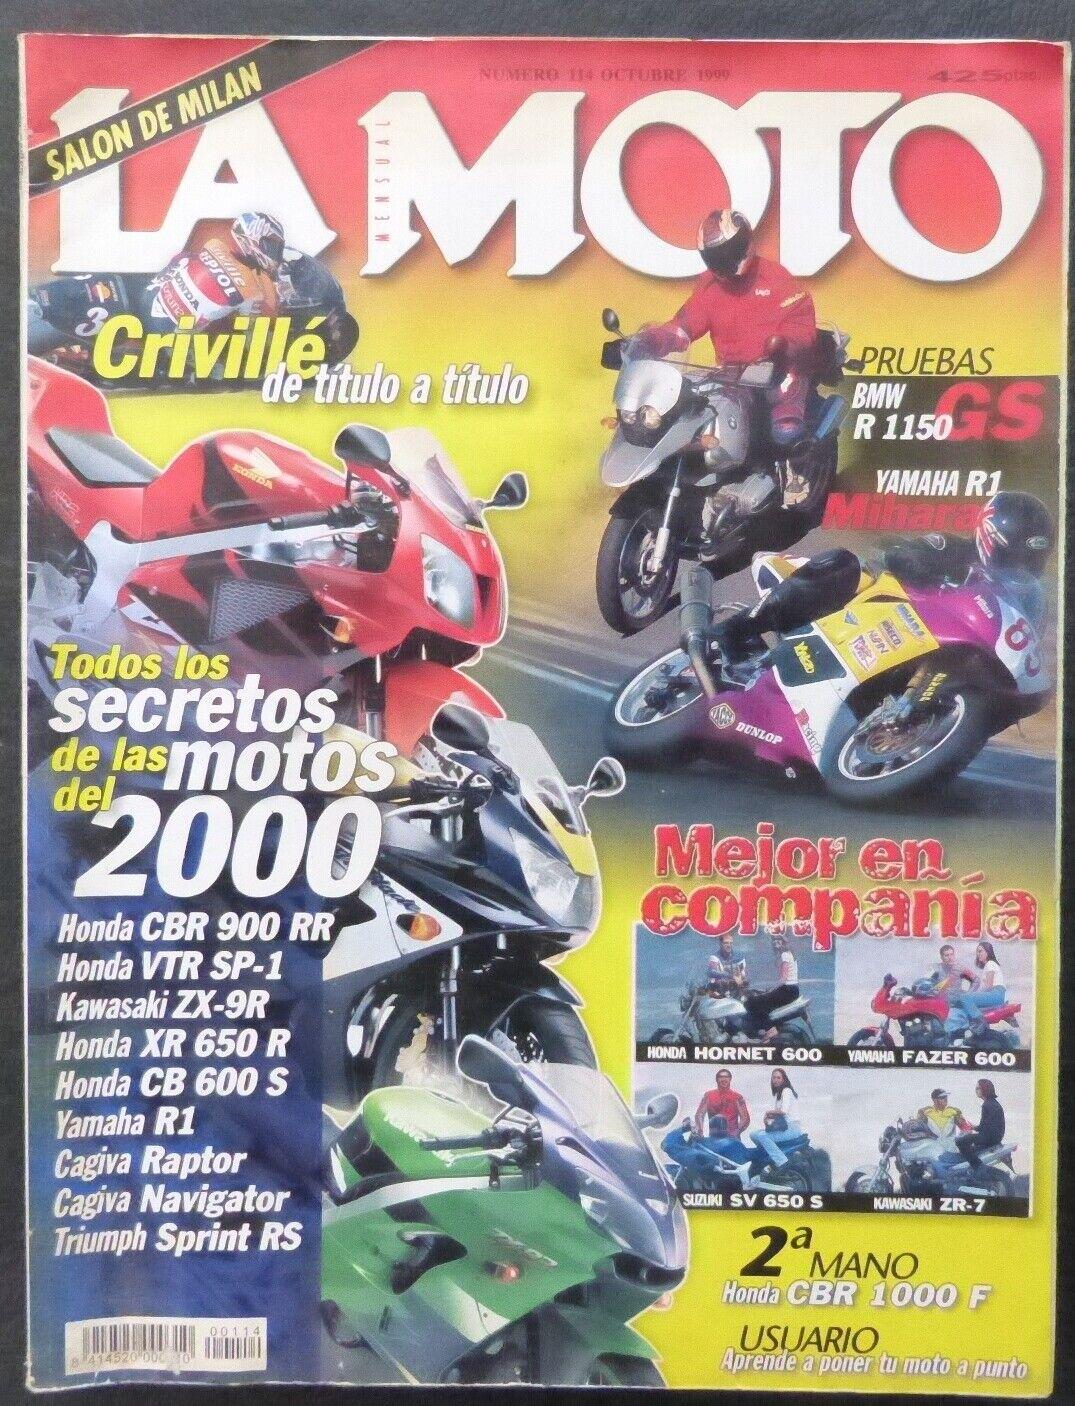 REVISTA La Moto,AÑO 1999,NUMERO 114,Todos los secretos de las 200 mejores motos